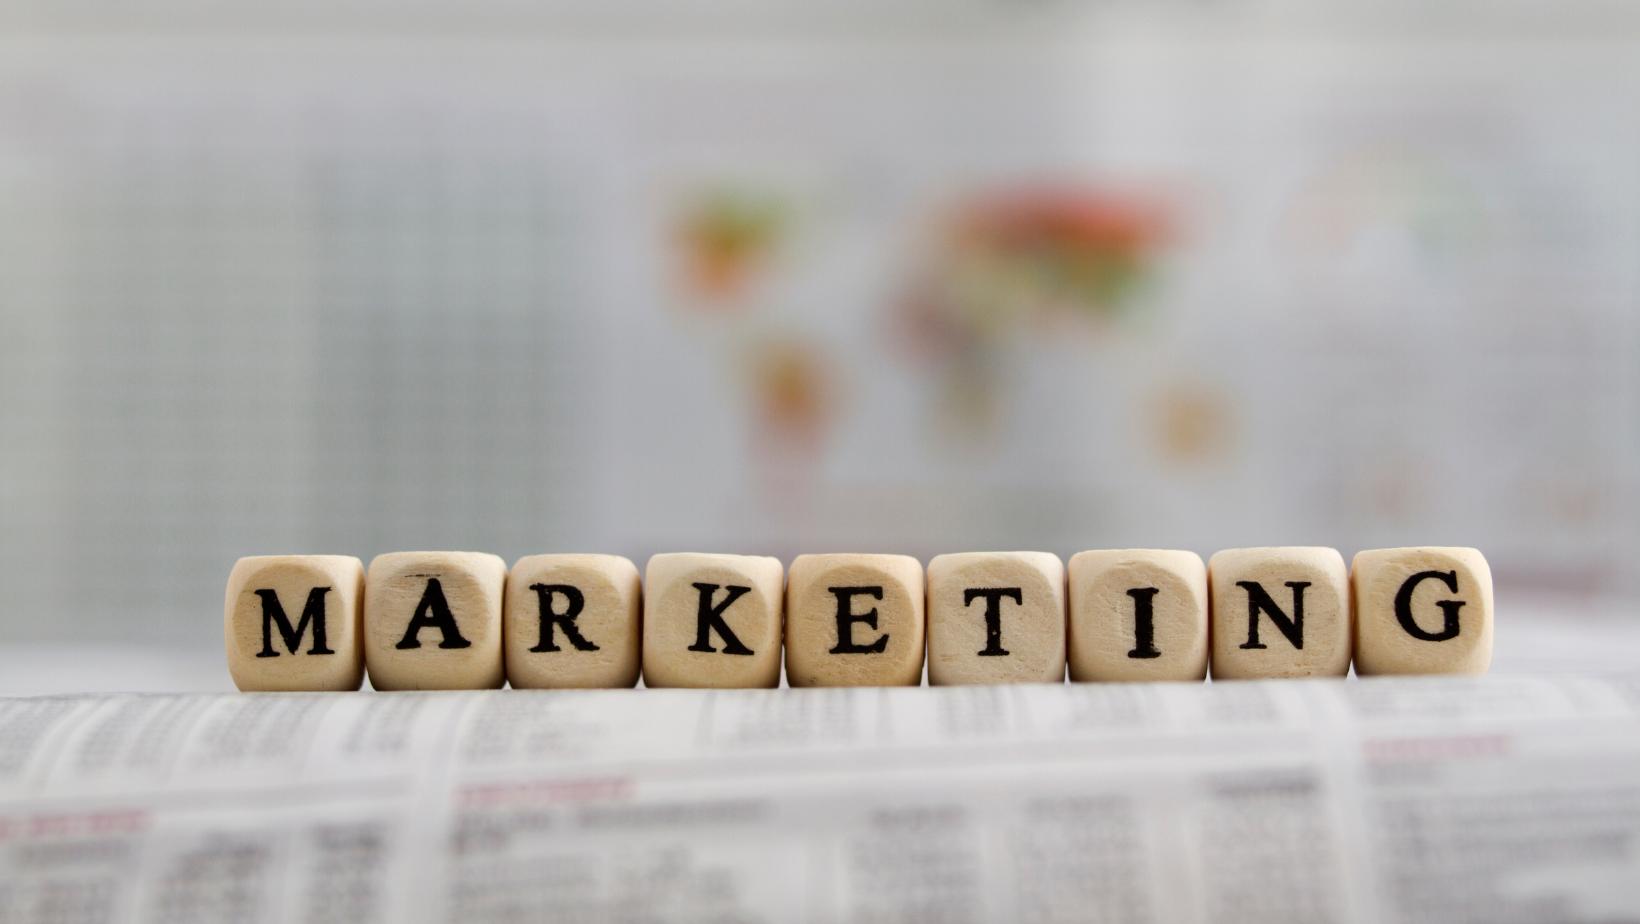 Marketing is zoveel meer blog